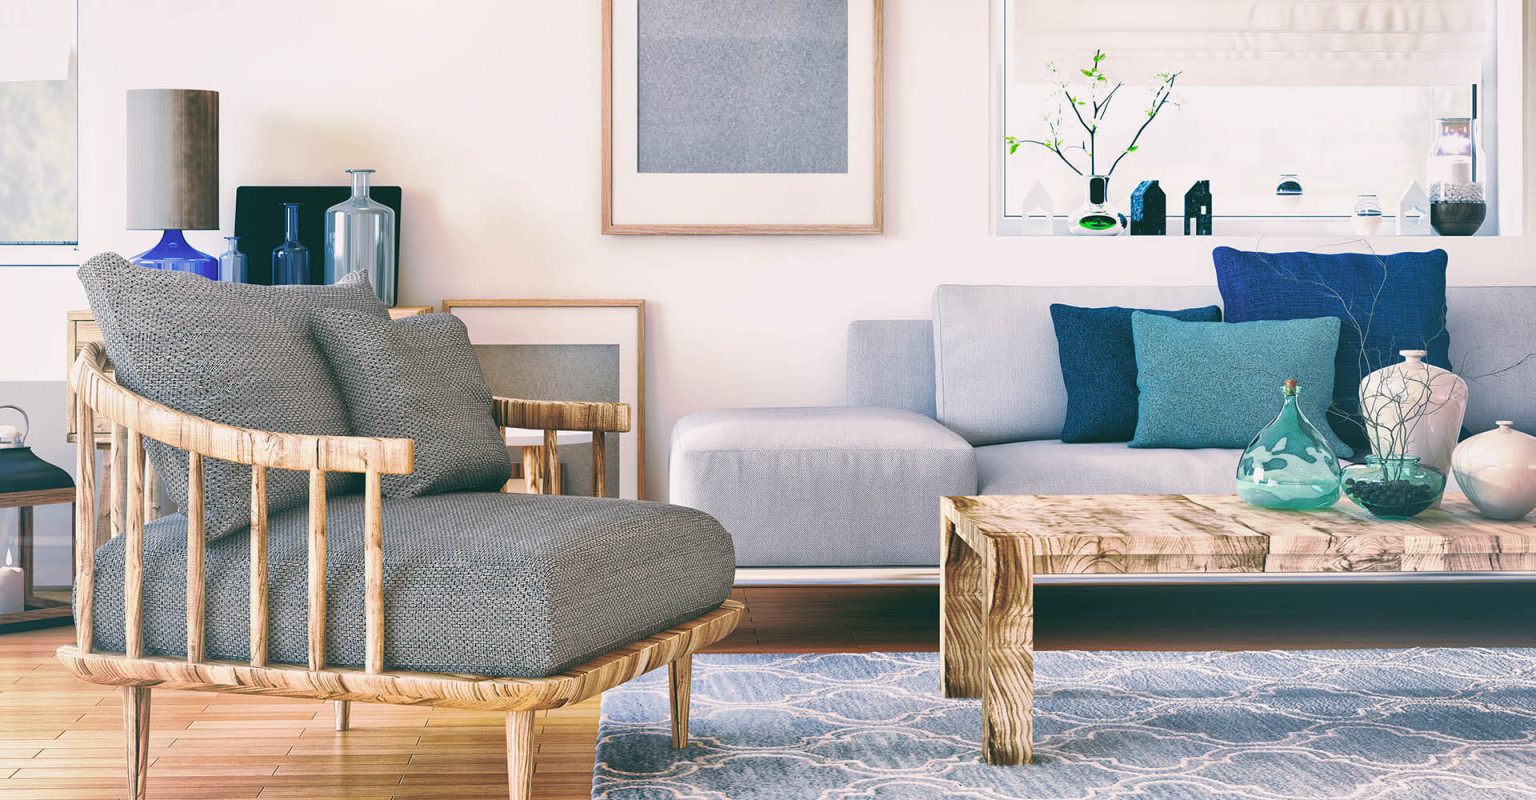 Wohnzimmer Gemütlich Einrichten  8 Schnell Umsetzbare Tipps von Wohnzimmer Mit Sessel Einrichten Bild